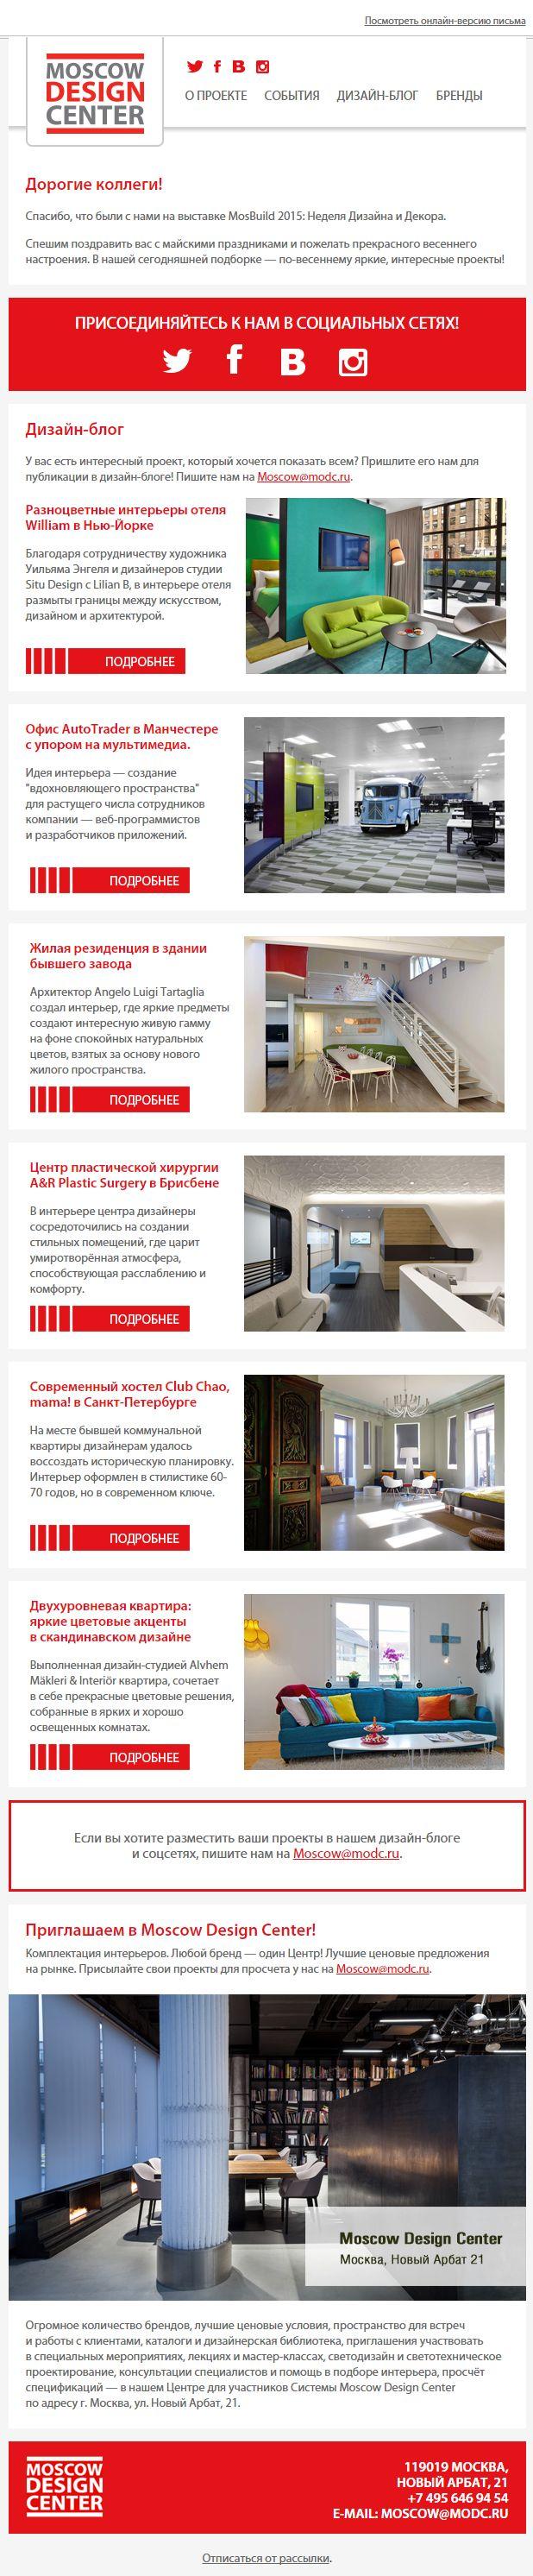 Moscow Design Center - ежемесячная подборка статей из дизайн-блога, и приглашение в библиотеку центра